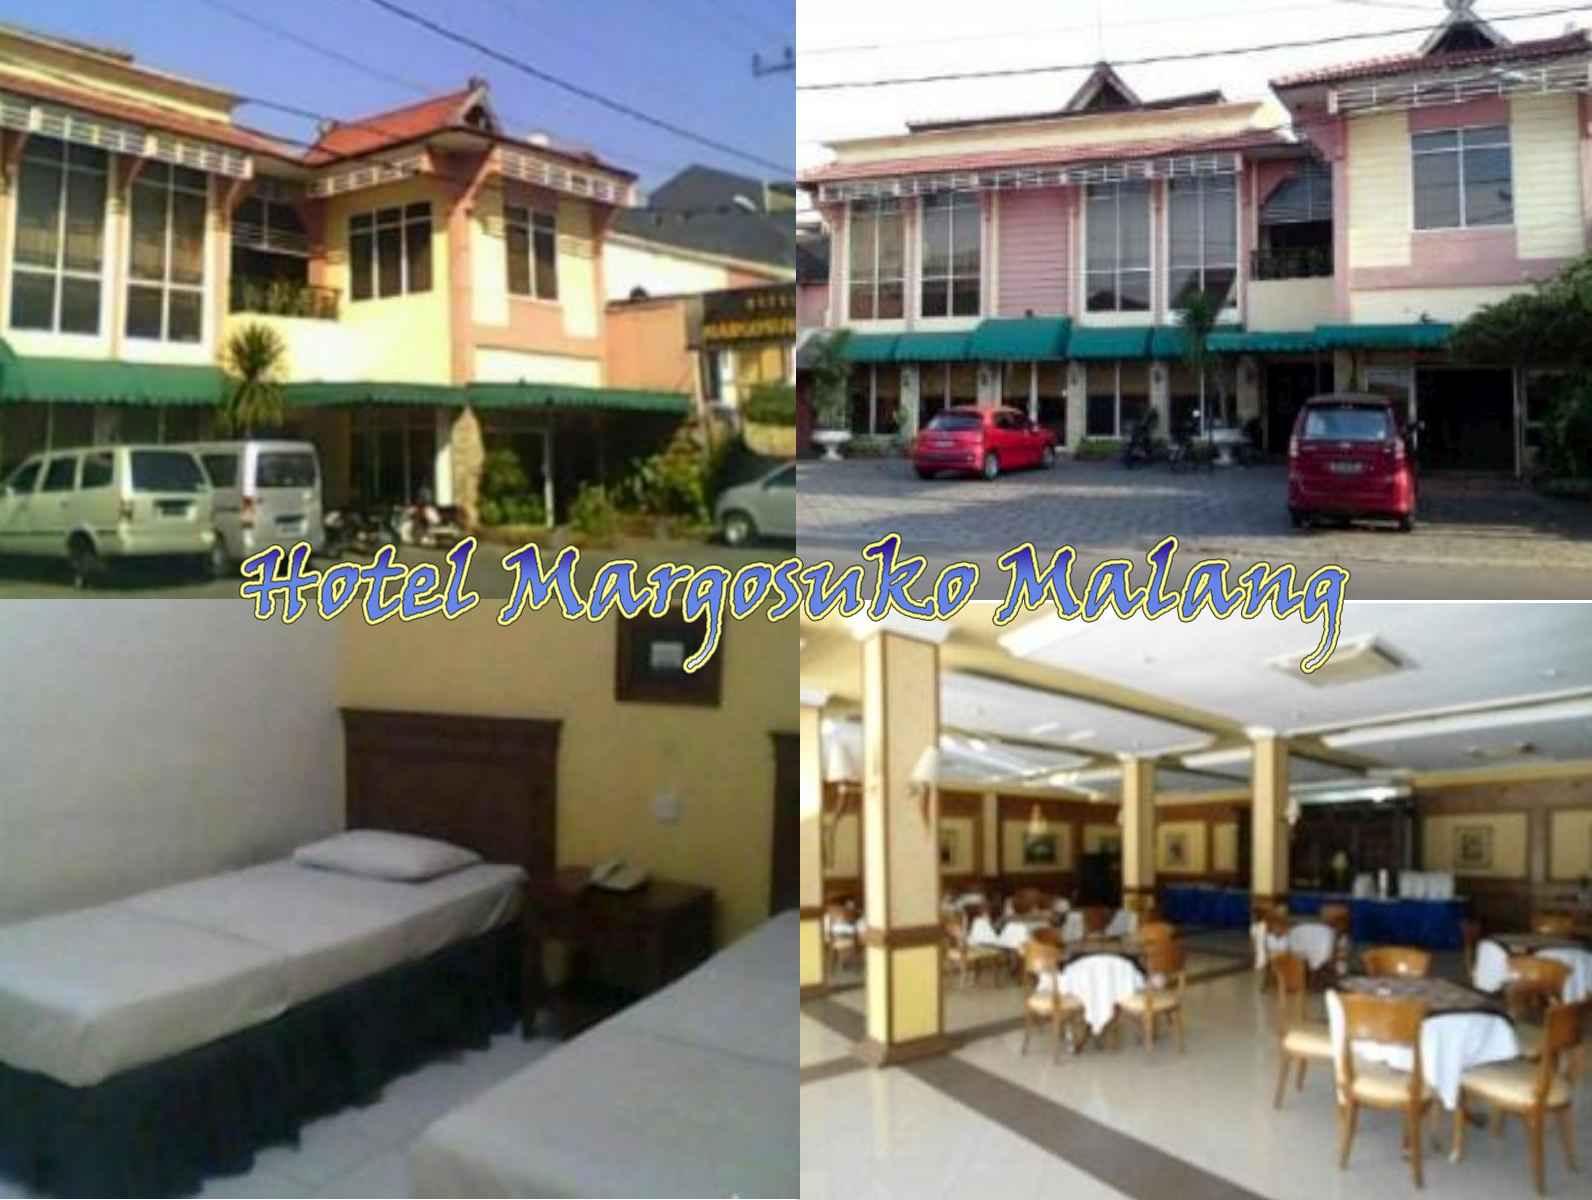 Tipe Kamar Di Hotel Margosuko Malang Tak Lengkap Rasanya Jika Tidak Mengulas Mengenai Kamarnya Karena Hal Tersebut Sangat Menentukan Pada Pilihan Anda